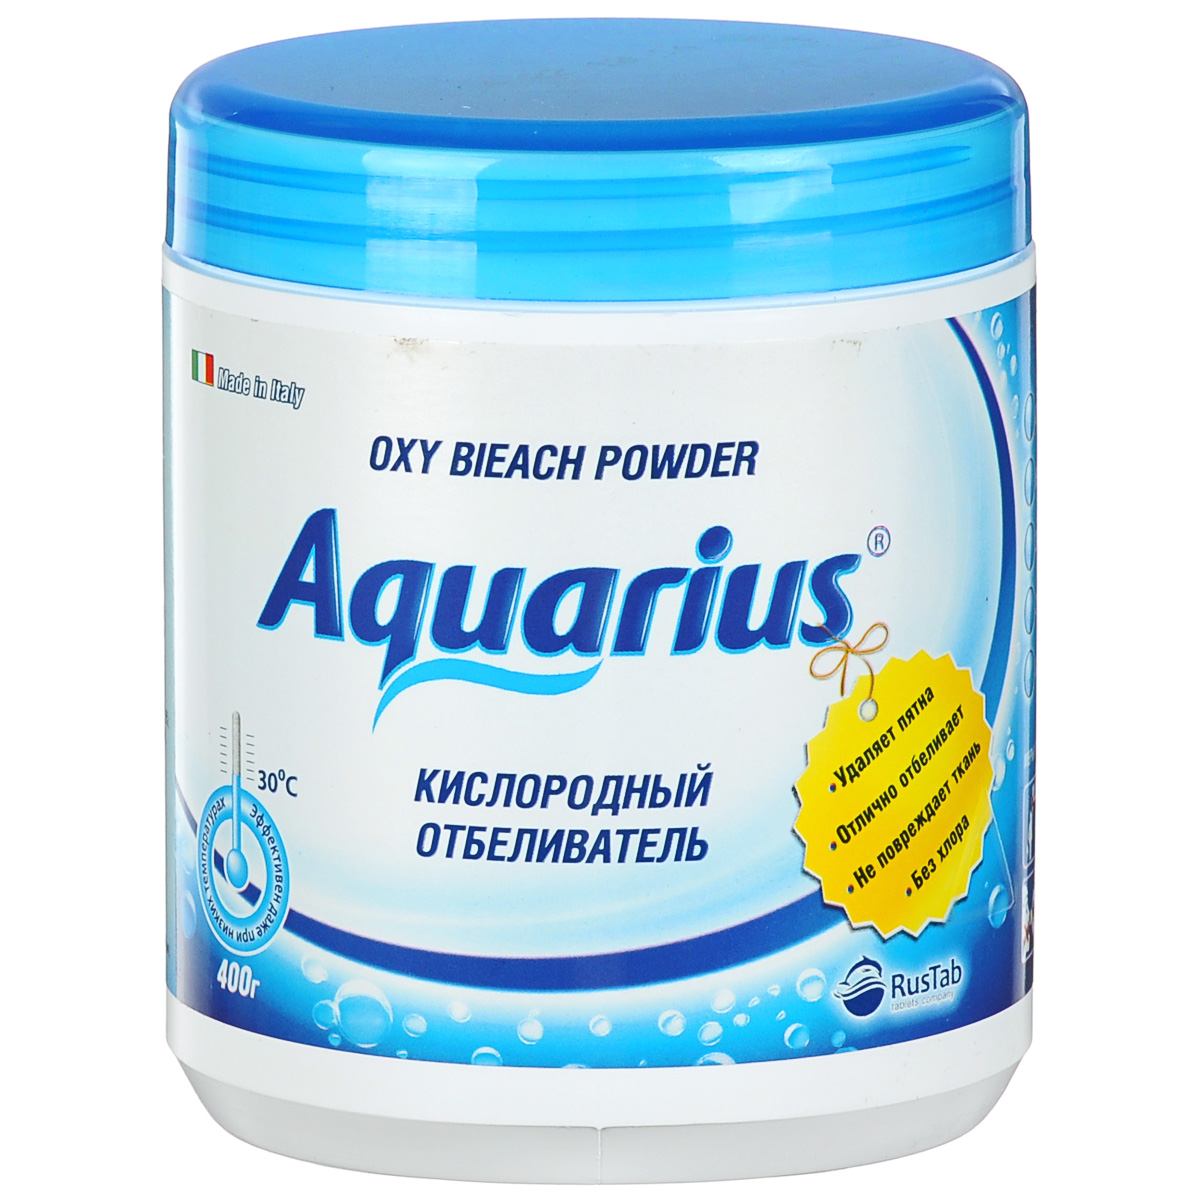 Пятновыводитель для белого белья Lotta Aquarius, кислородный, 400 г060342Кислородный пятновыводитель Lotta Aquarius предназначен для белого белья. Он превосходно удаляет загрязнения даже в холодной воде, благодаря содержанию молекул активного кислорода. Пятновыводитель можно использовать как для ручной стирки, так и для стирки в автоматизированных стиральных машинах. Обладает антибактериальным и дезодорирующим эффектом. Защищает вещи от выцветания. Не содержит хлора. Не использовать для шерсти, шелка, кожи и тонких тканей. Состав: более 30% кислородосодержащий пятновыводитель, менее 5% неионные ПАВ; другие ингредиенты: энзимы (Амилаза, Протеаза, Липаза, Целлюлаза), отдушка, оптический отбеливатель менее 1%. Товар сертифицирован.